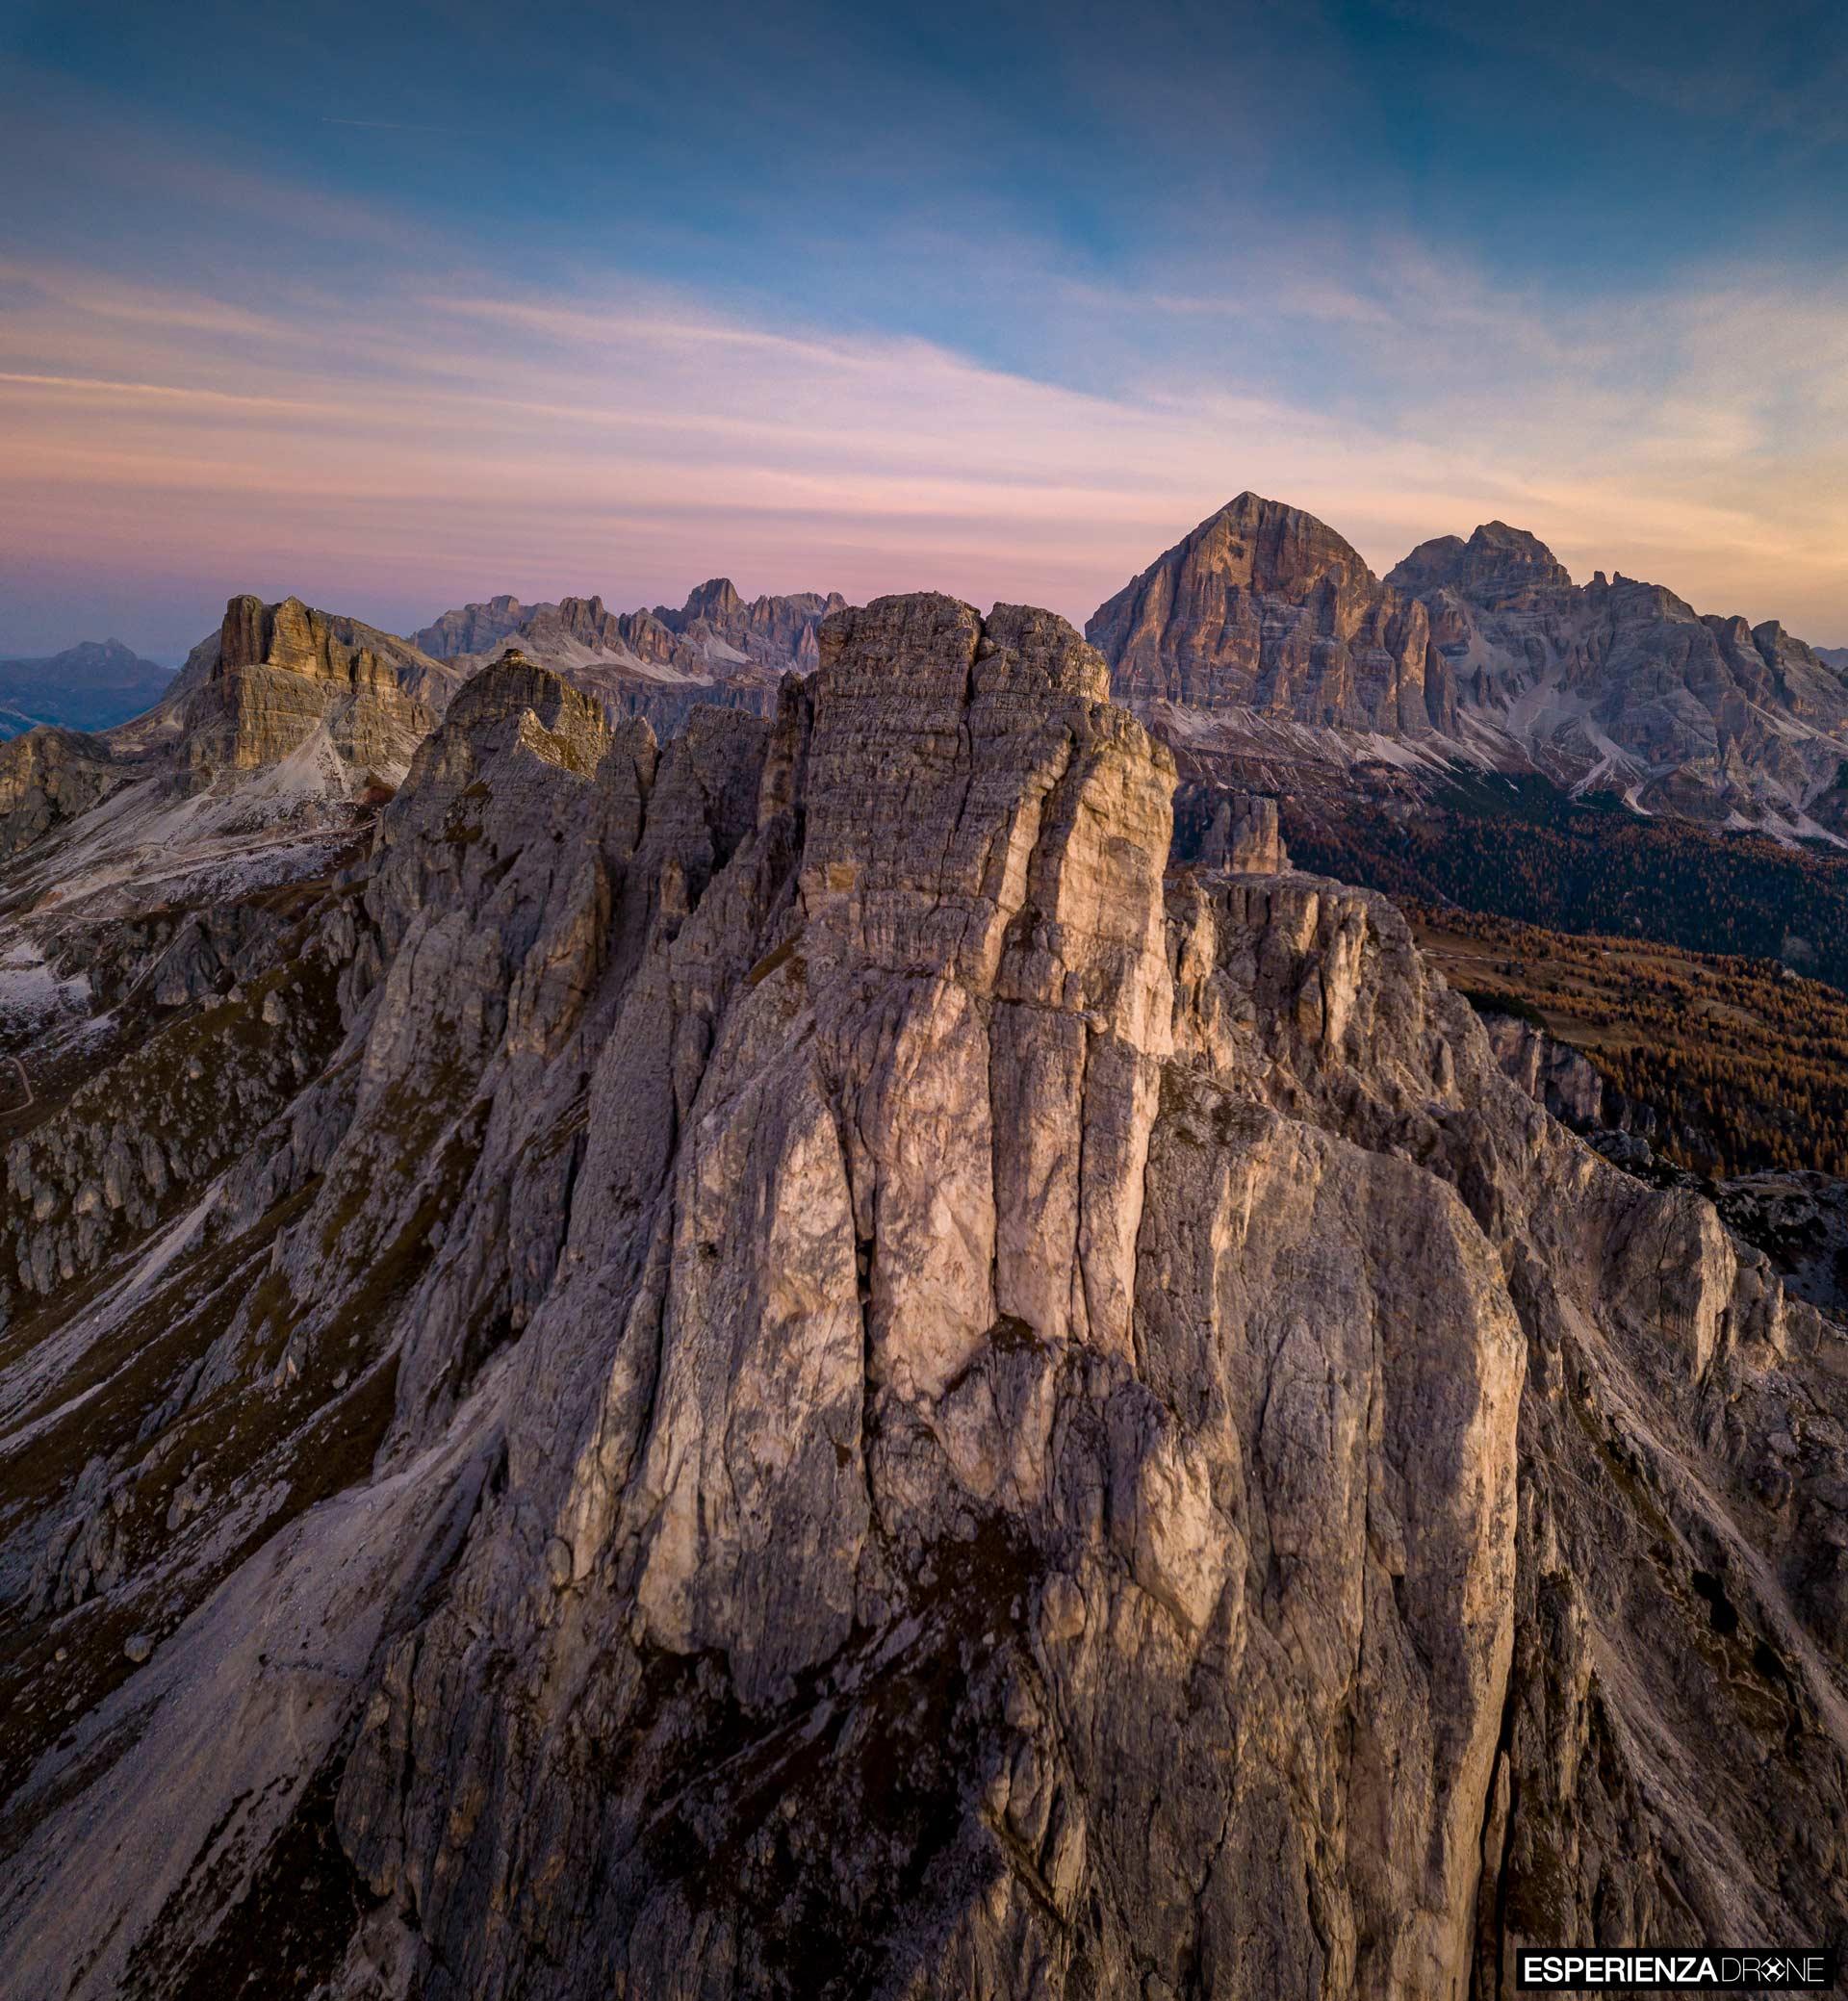 esperienza drone immagine portfolio naturalistica turismo promozione territorio italia cortina ampezzo passogiau 1.jpg